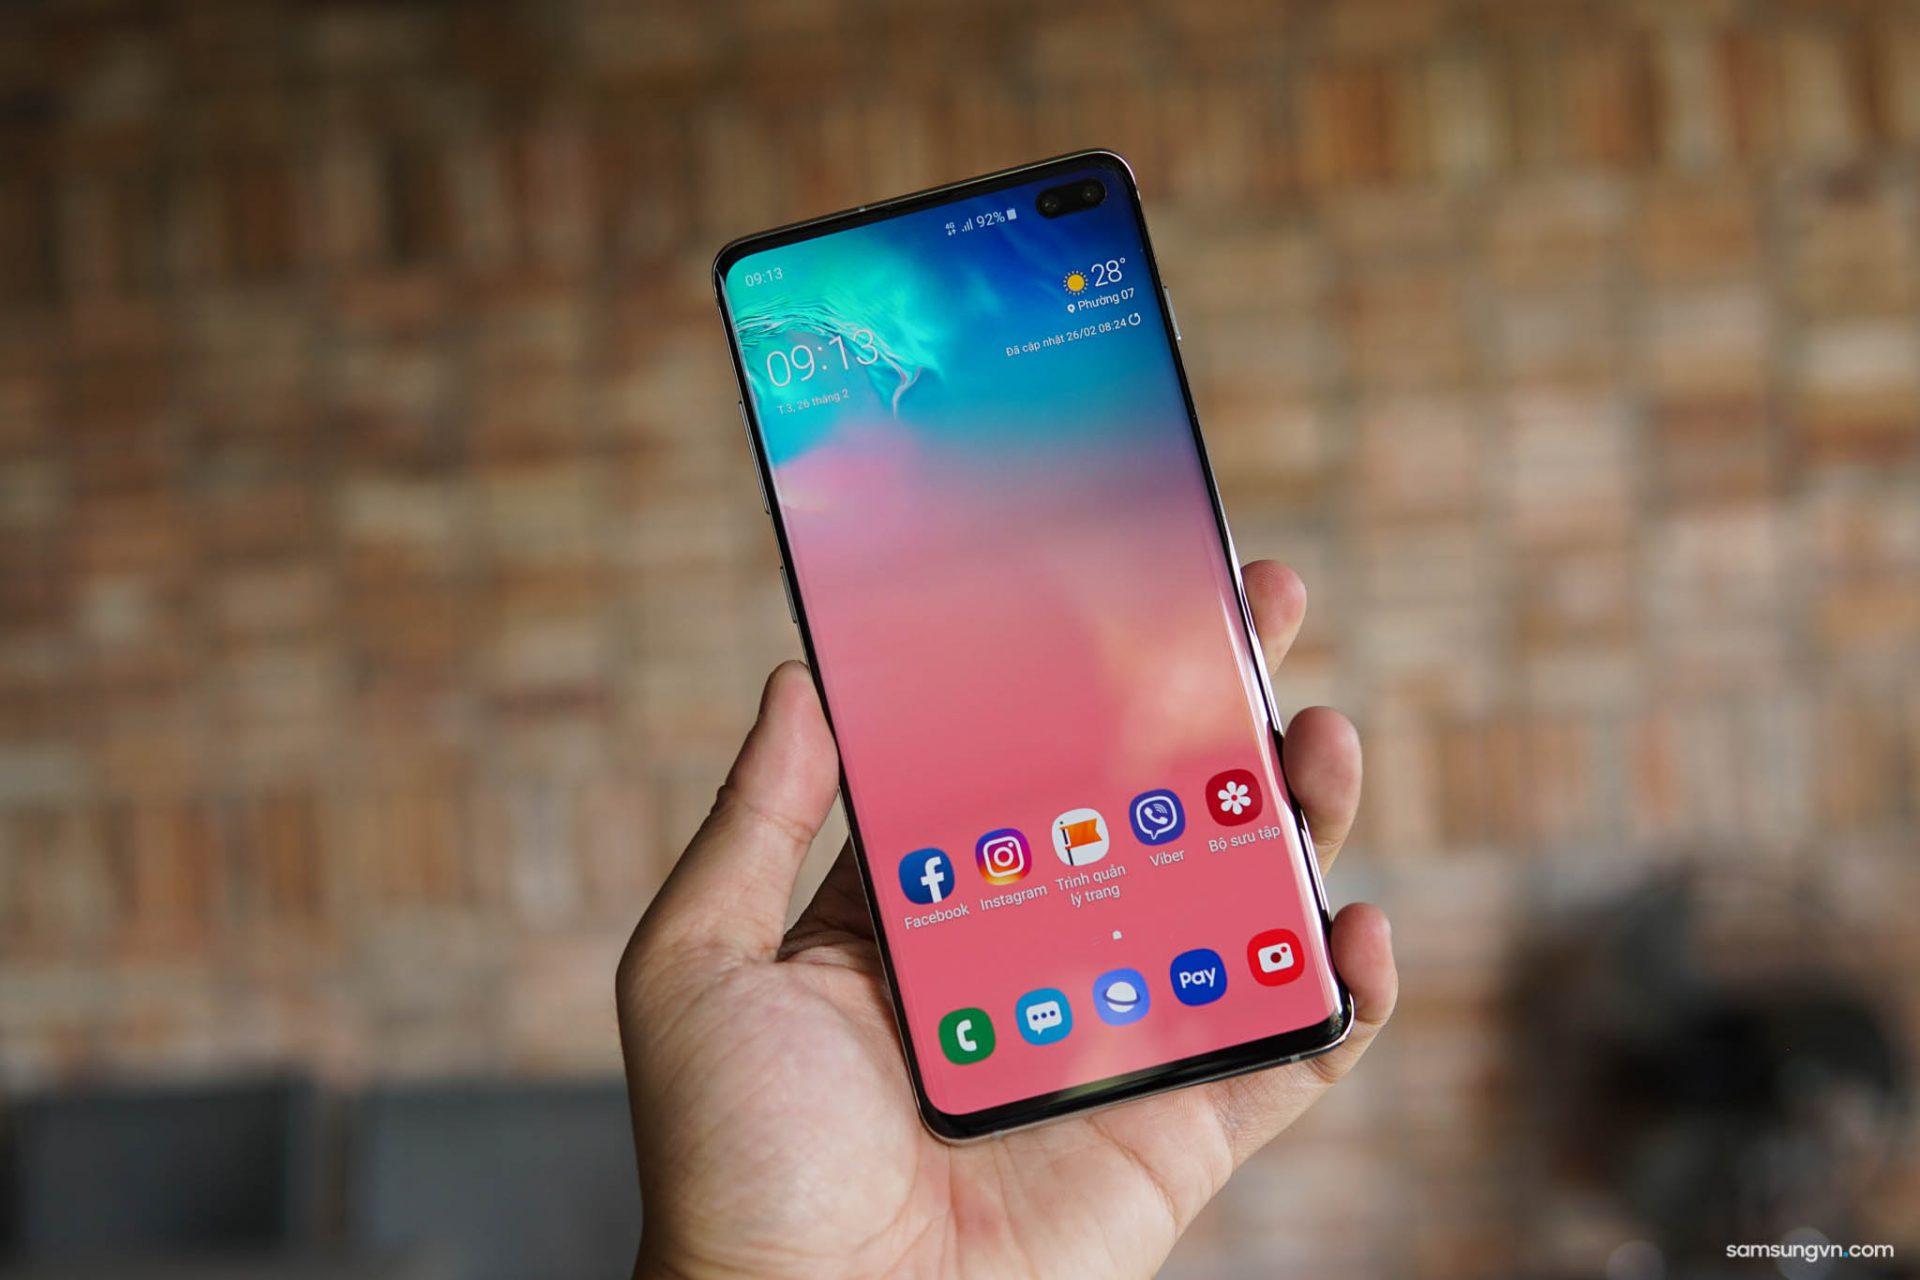 """Samsung có thể sẽ xuất xưởng 10 triệu chiếc Galaxy S10 tháng này vì """"Bán chạy"""" ở nhiều nước trên Thế giới"""